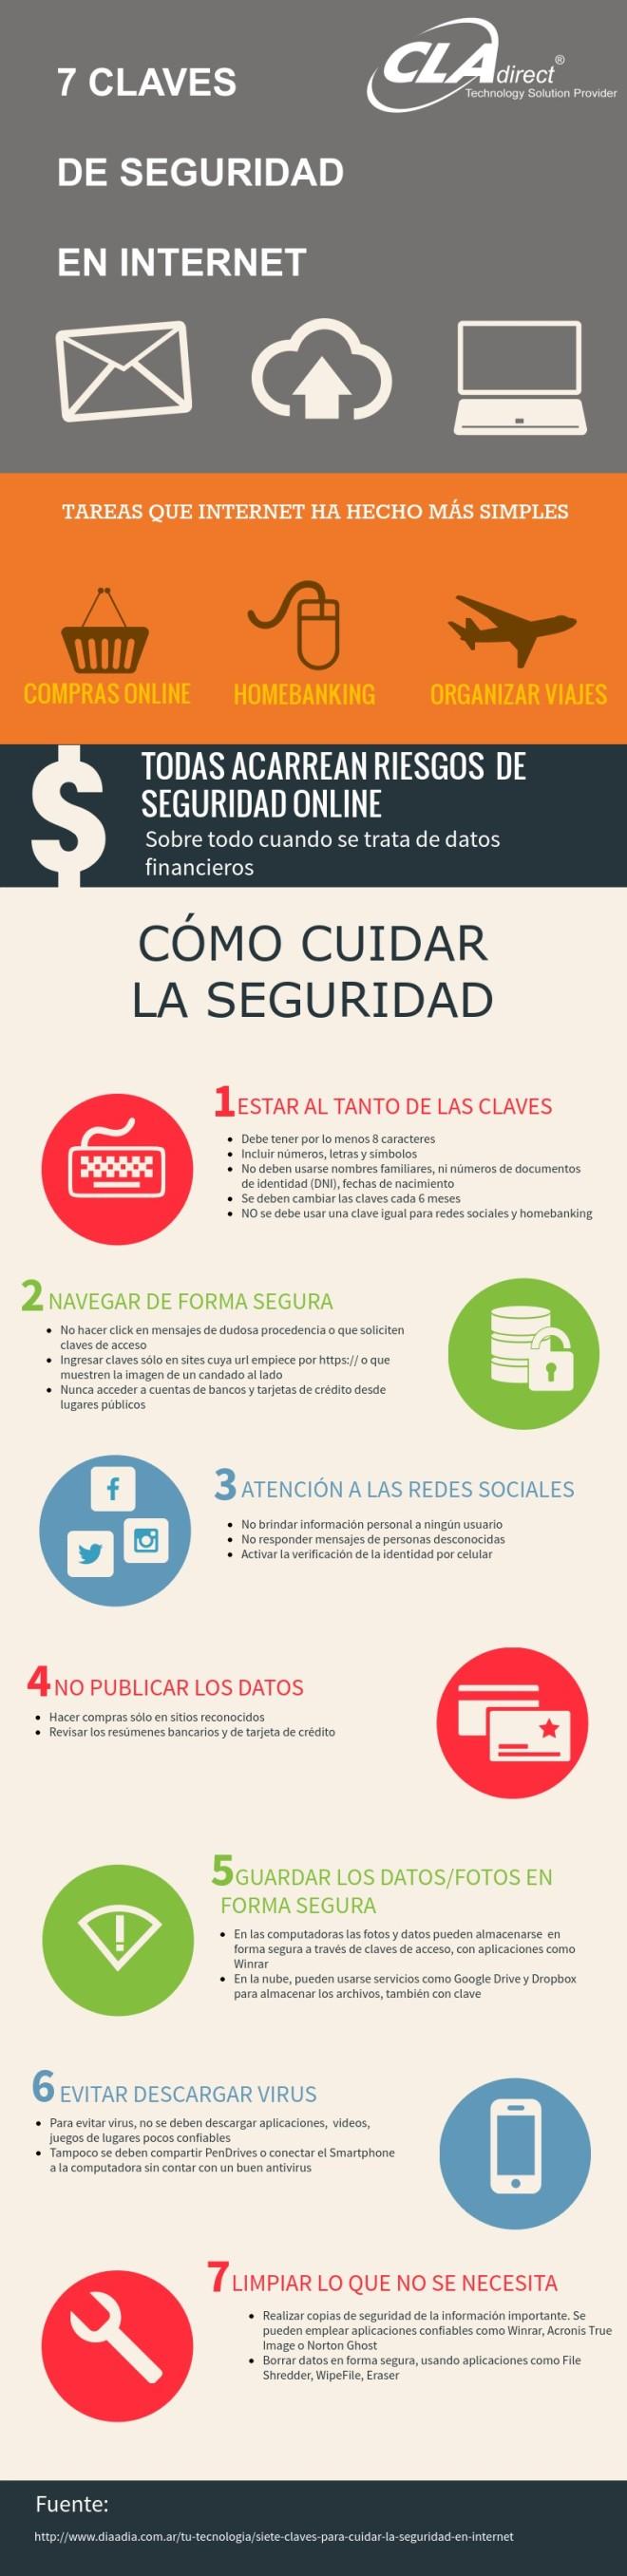 7 claves de seguridad en Internet